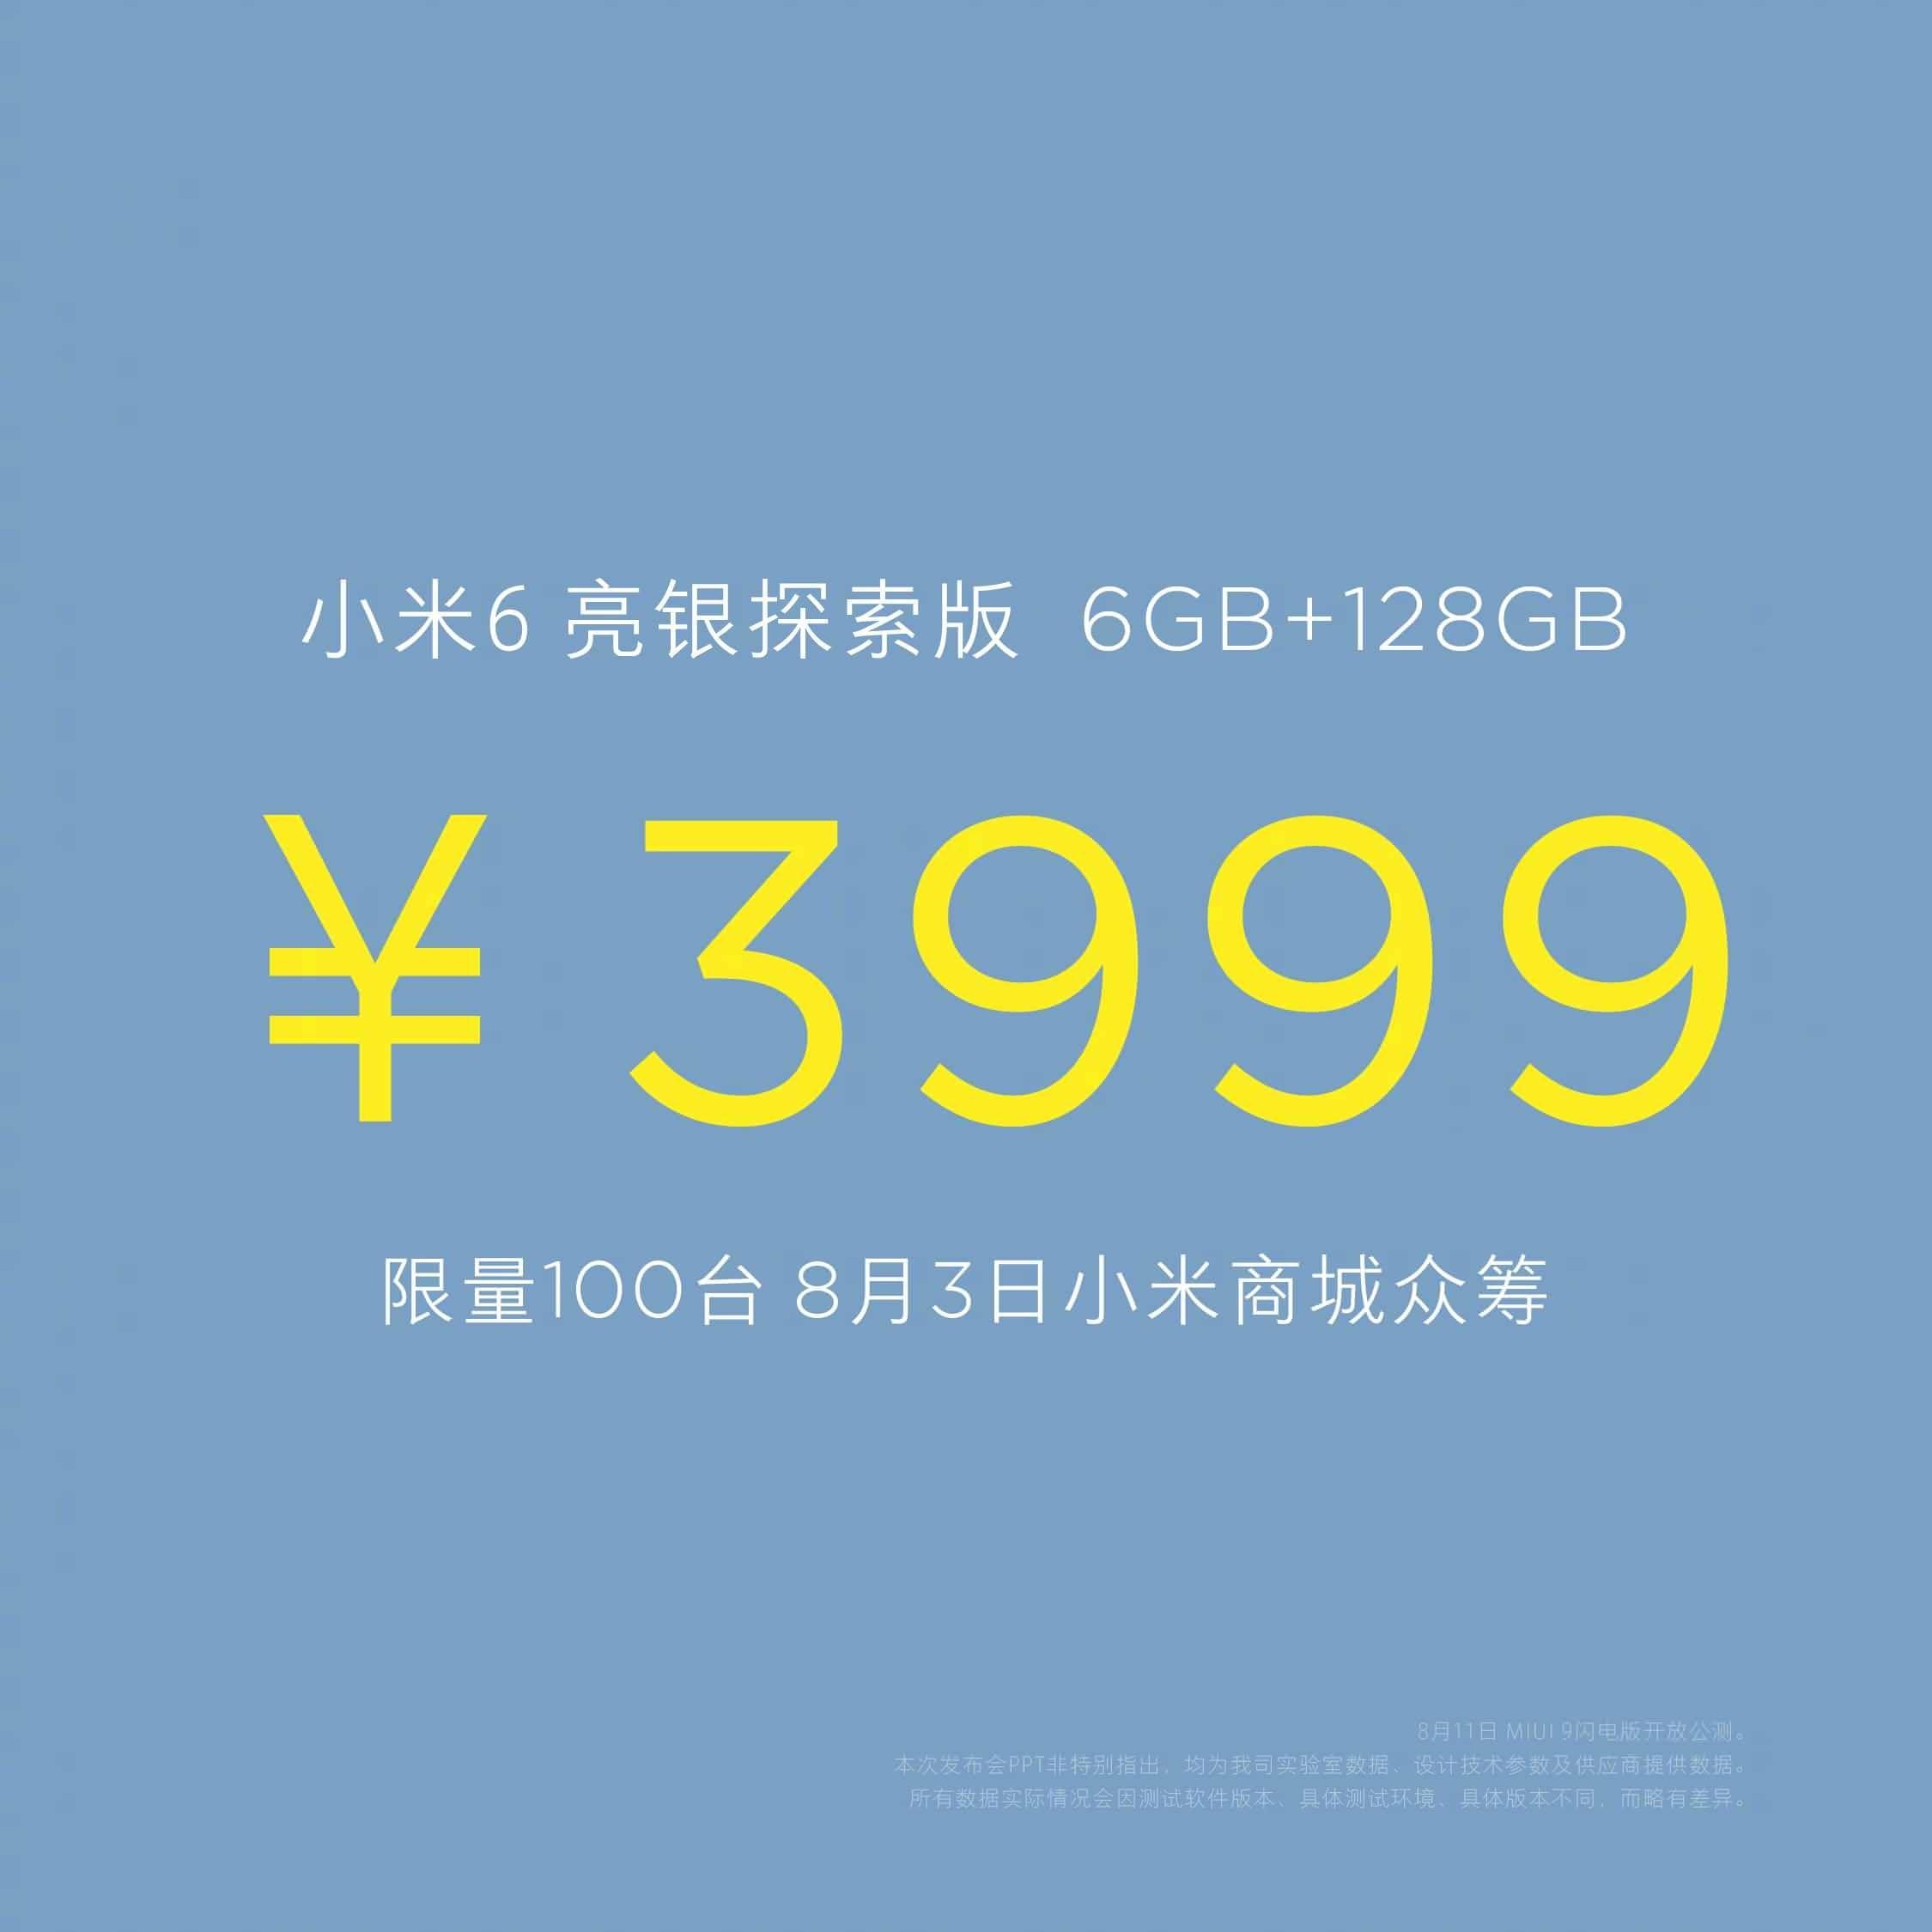 是小米5X發布會有彩蛋:超酷炫亮銀版小米6來了!8月3日小米商城眾籌,要價約RM2535!只有限量100台!這篇文章的首圖